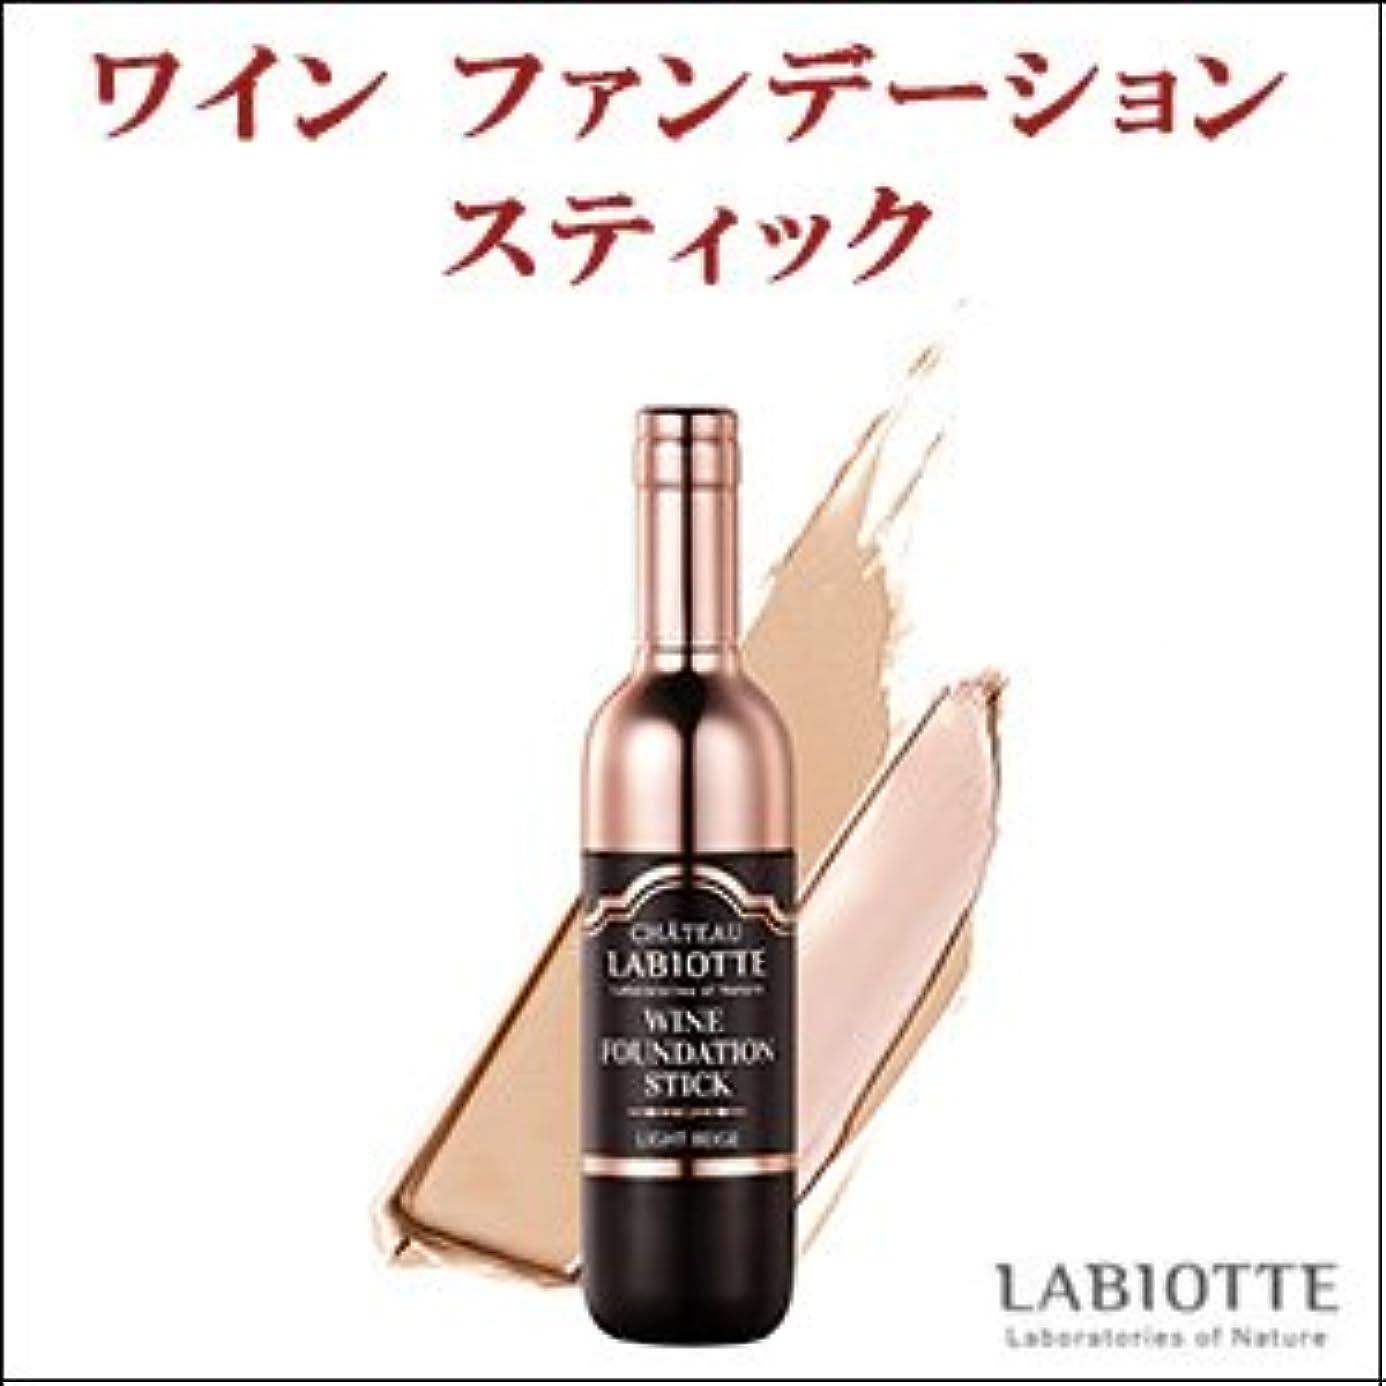 決して懇願するスリルLABIOTTE シャトー ラビオッテ ワイン ファンデーション スティック カラー:BE23 ナチュラルベージュ